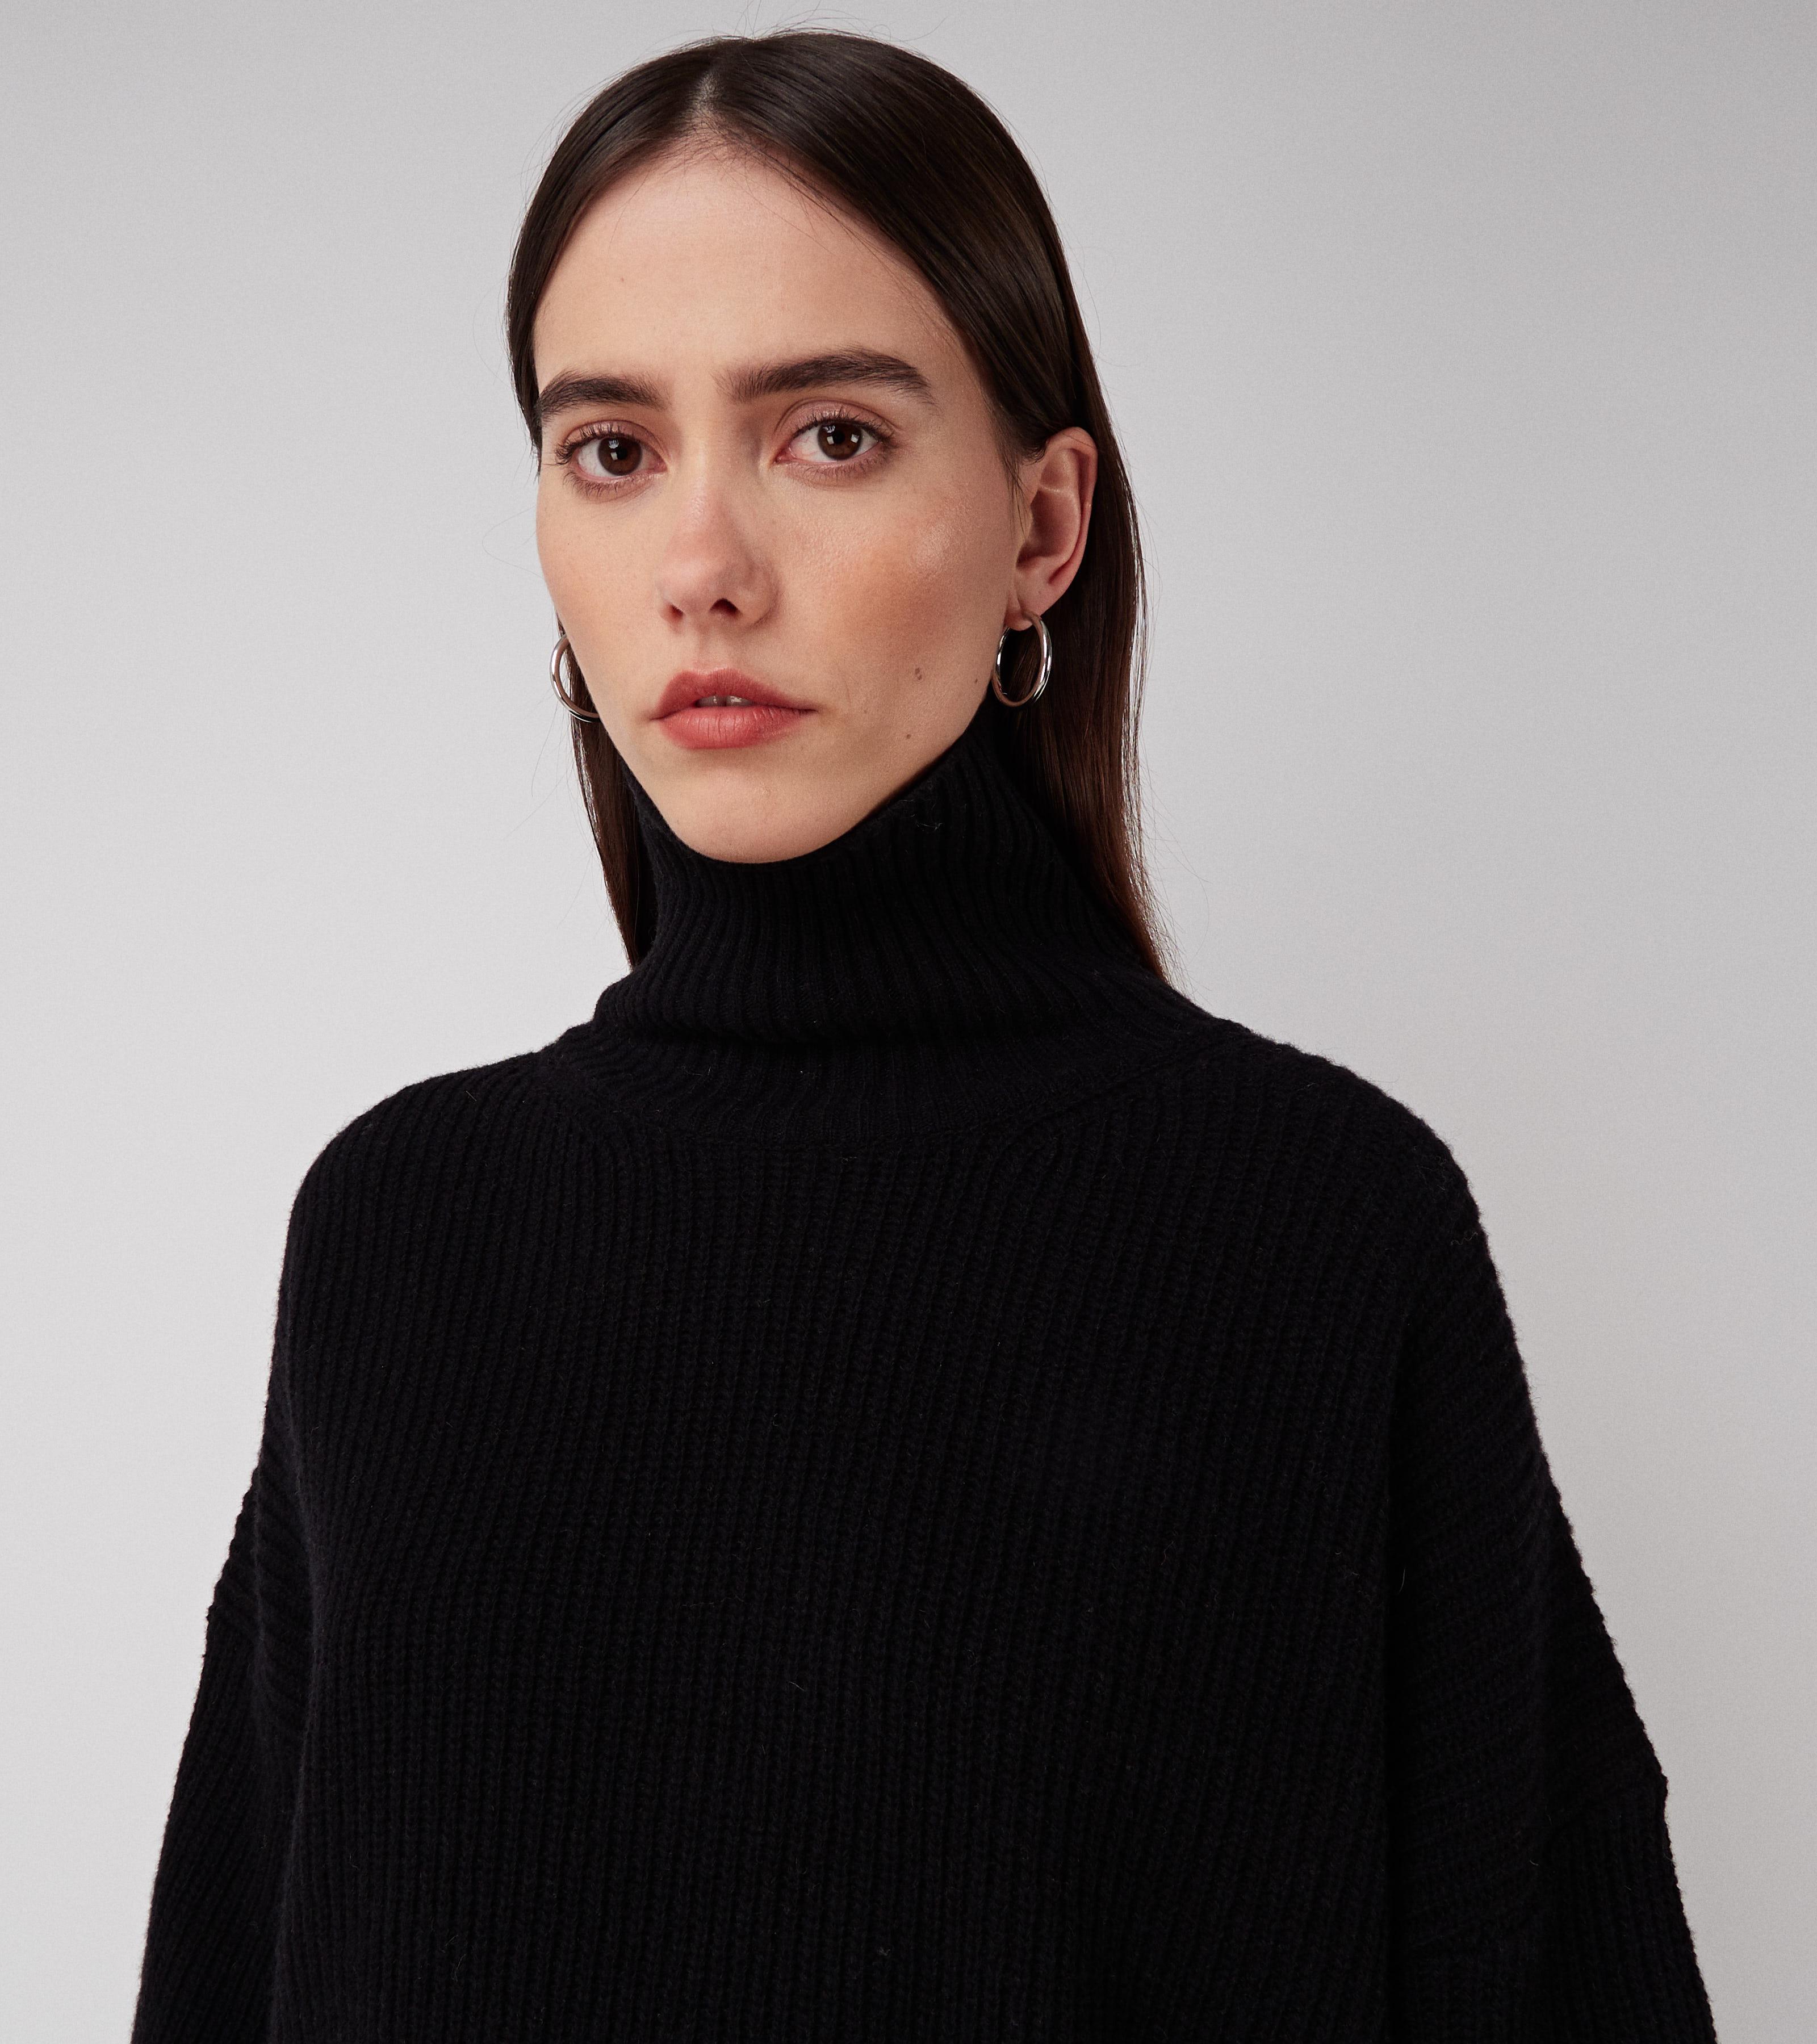 Kara Turtle Sweater Pitch Black